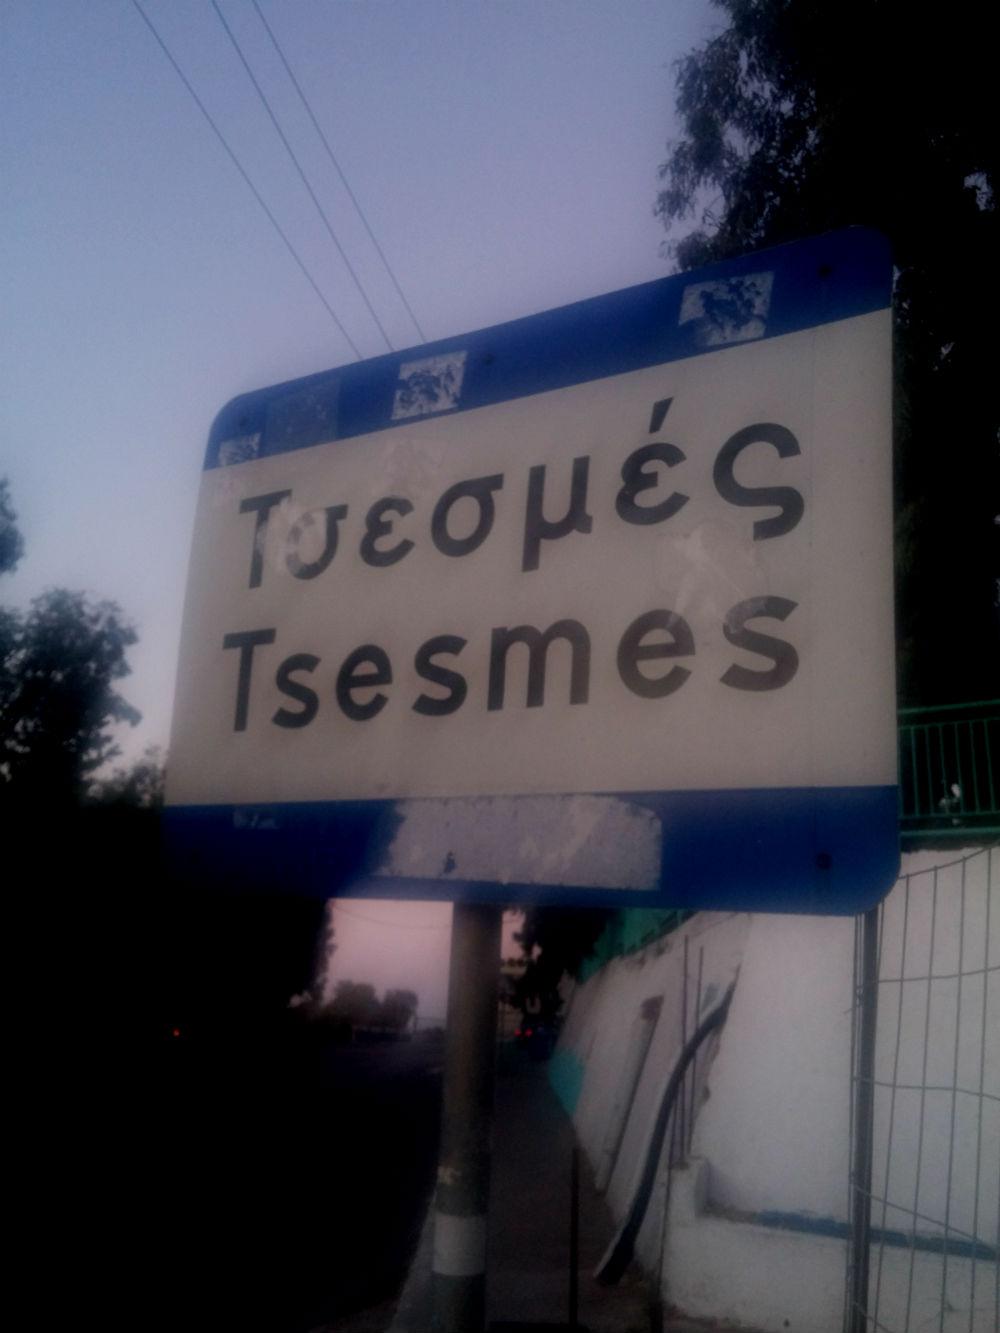 Tsesmes